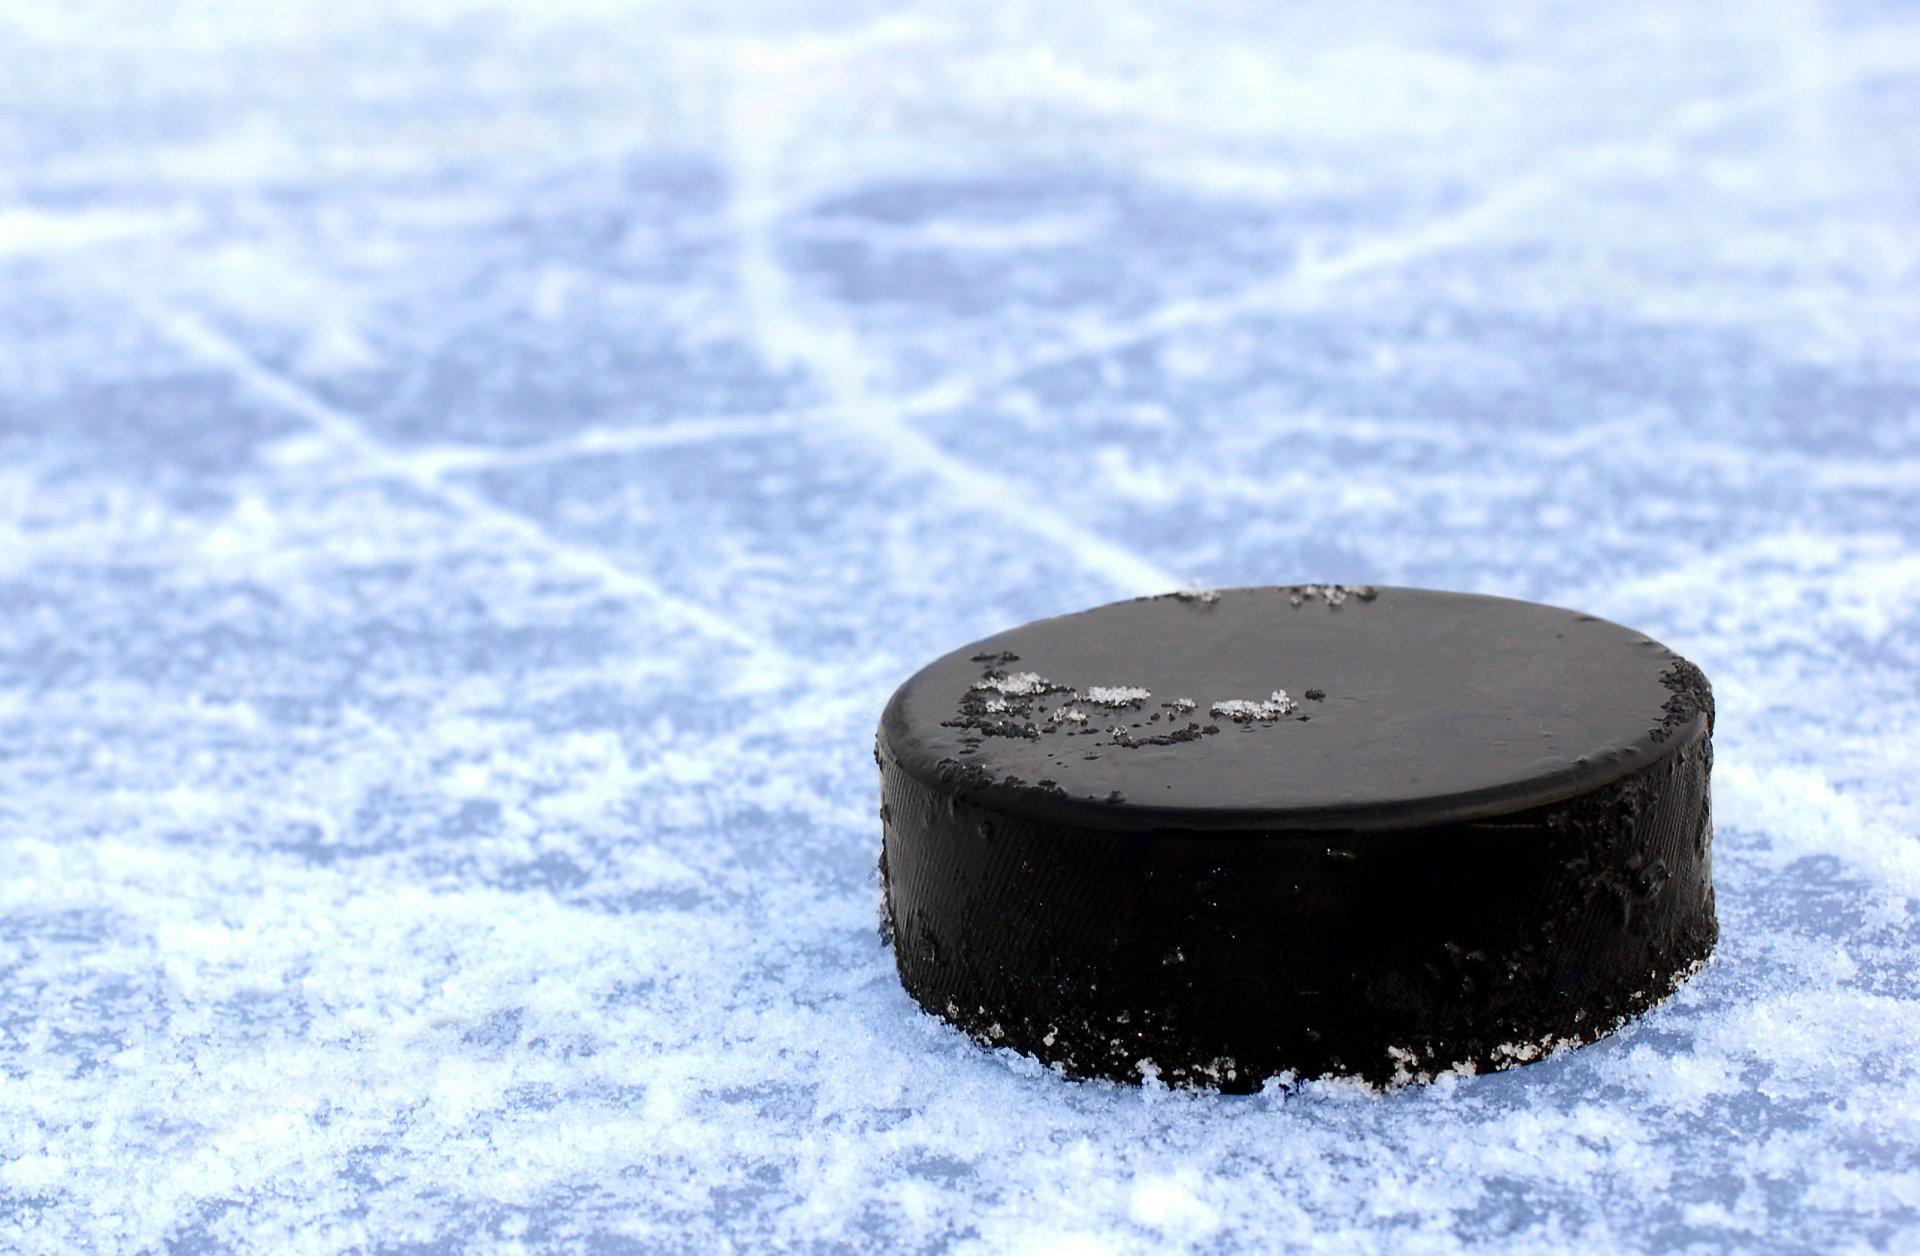 чемпионат мира по хоккею среди молодежных команд до 20 лет